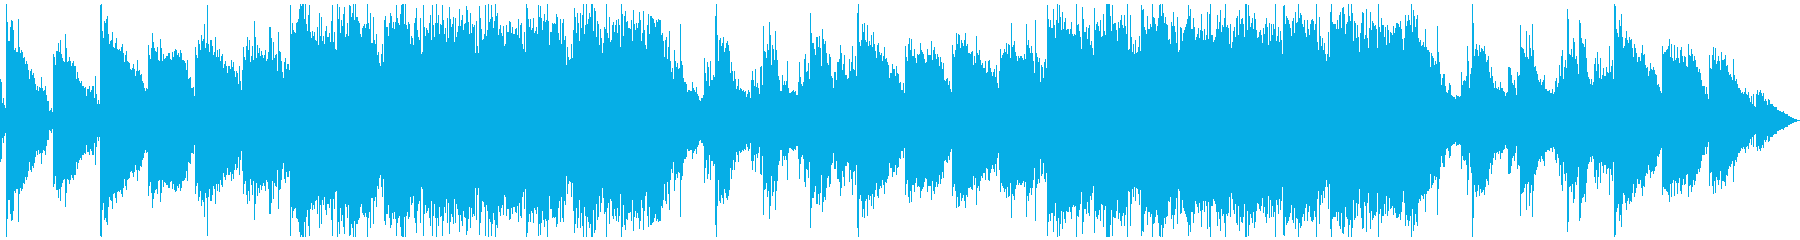 ダンジョンを彷彿させるエスニック音楽の再生済みの波形